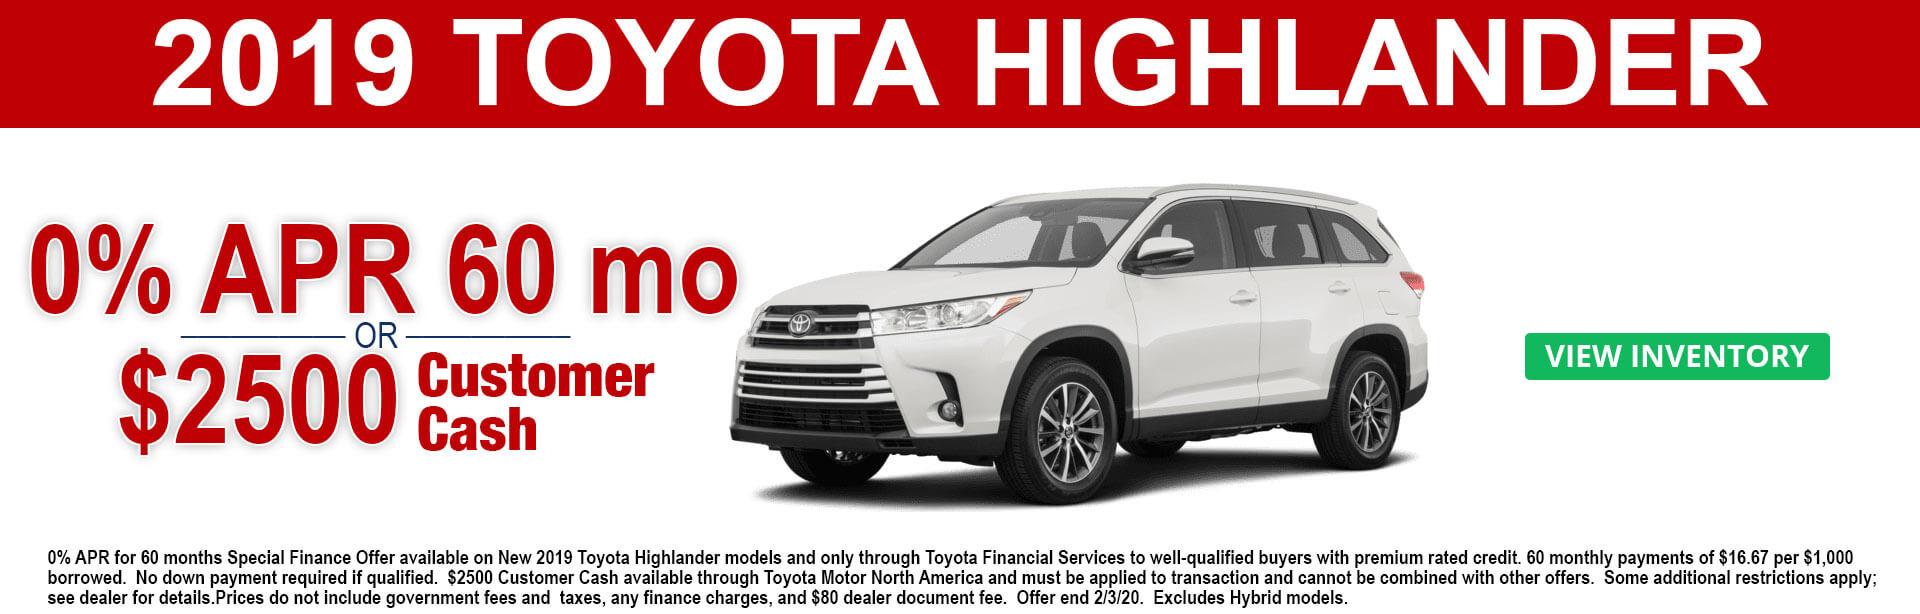 2019 Toyota Highlander APR and Cash Offer